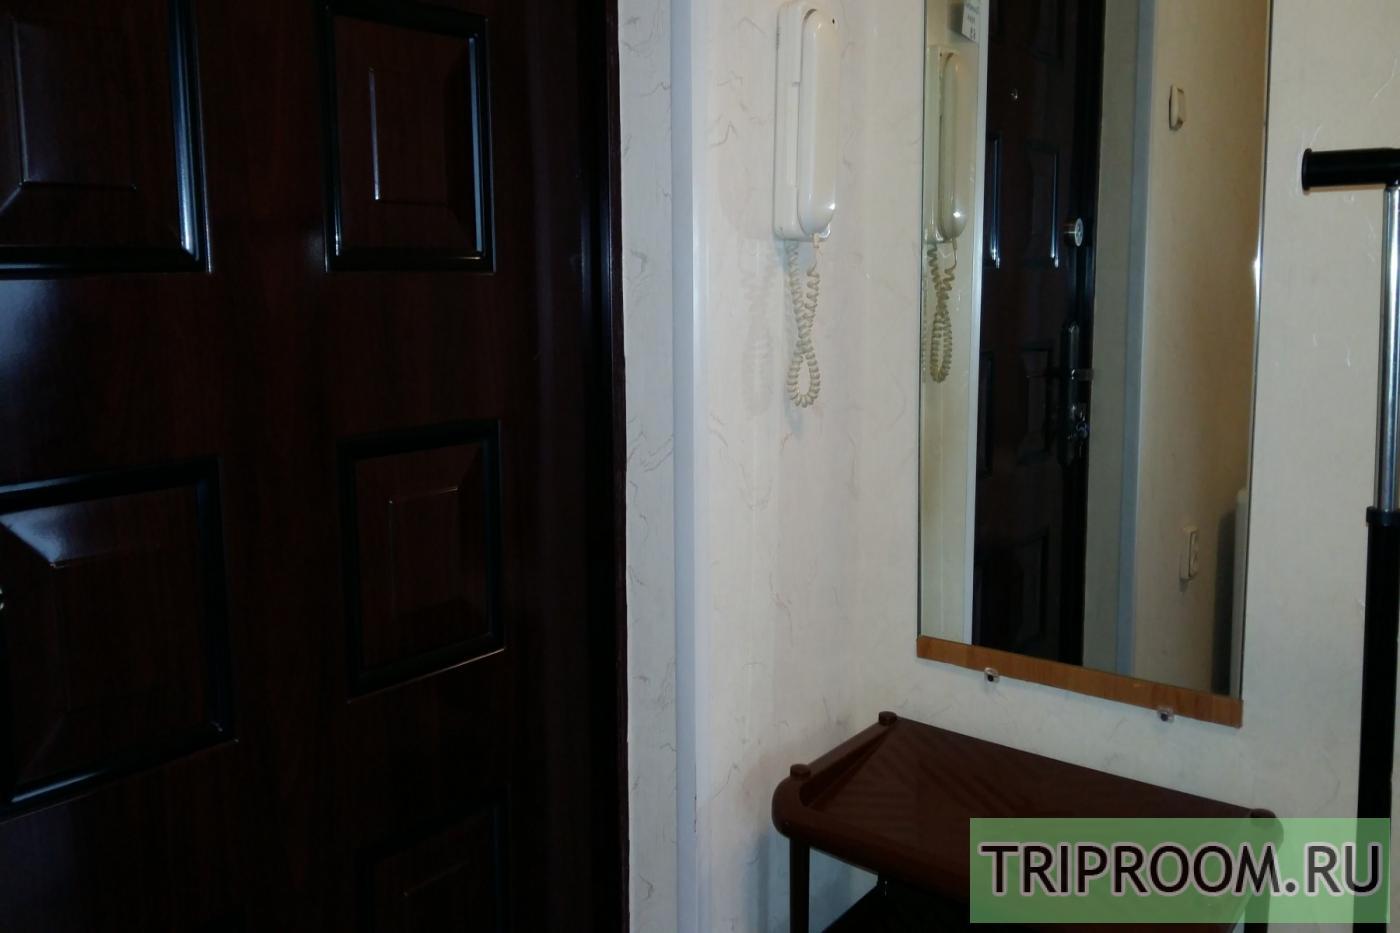 1-комнатная квартира посуточно (вариант № 22588), ул. Стара-Загора улица, фото № 14